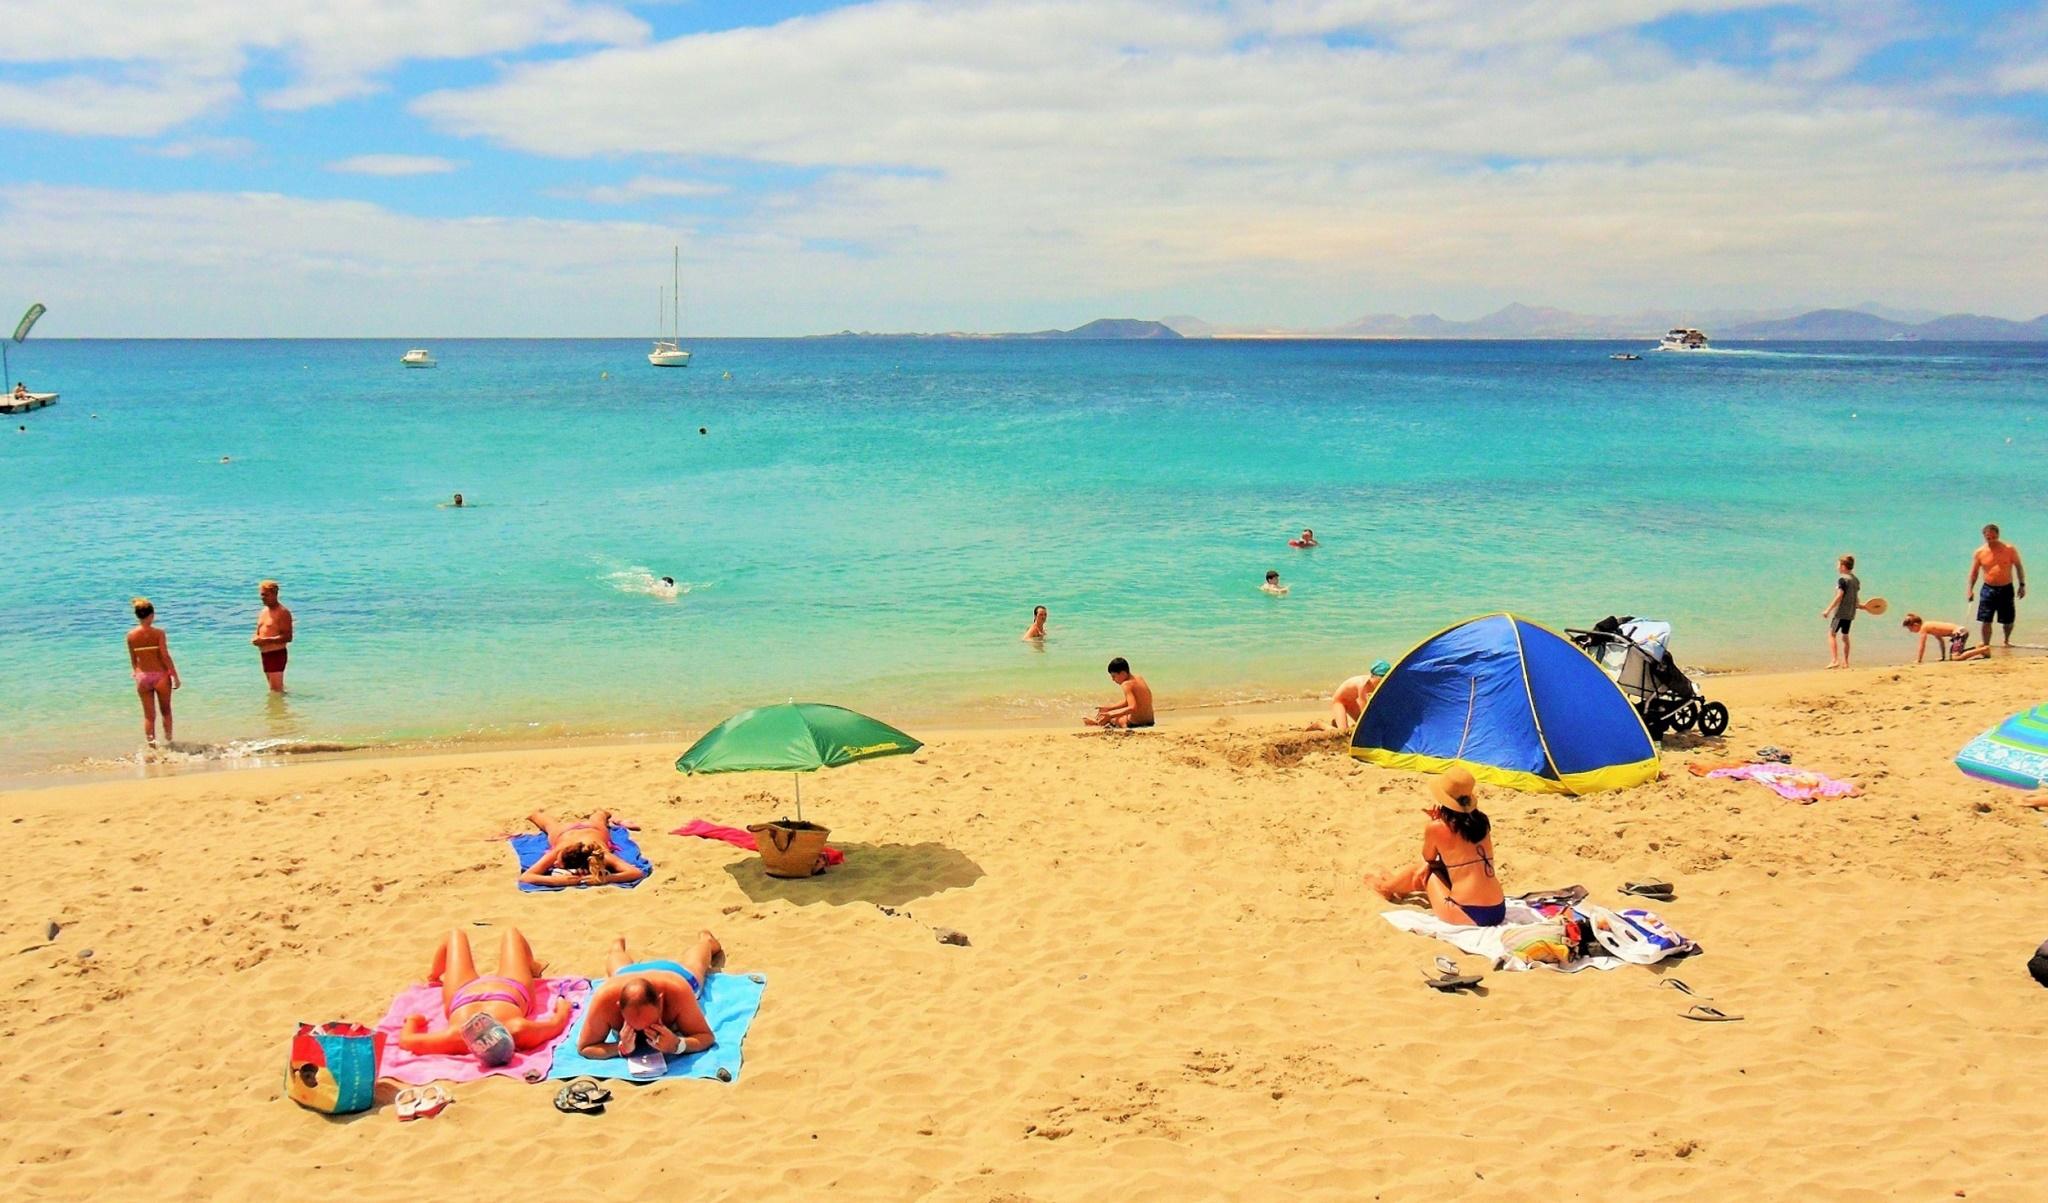 A Playa Blanca de turismo